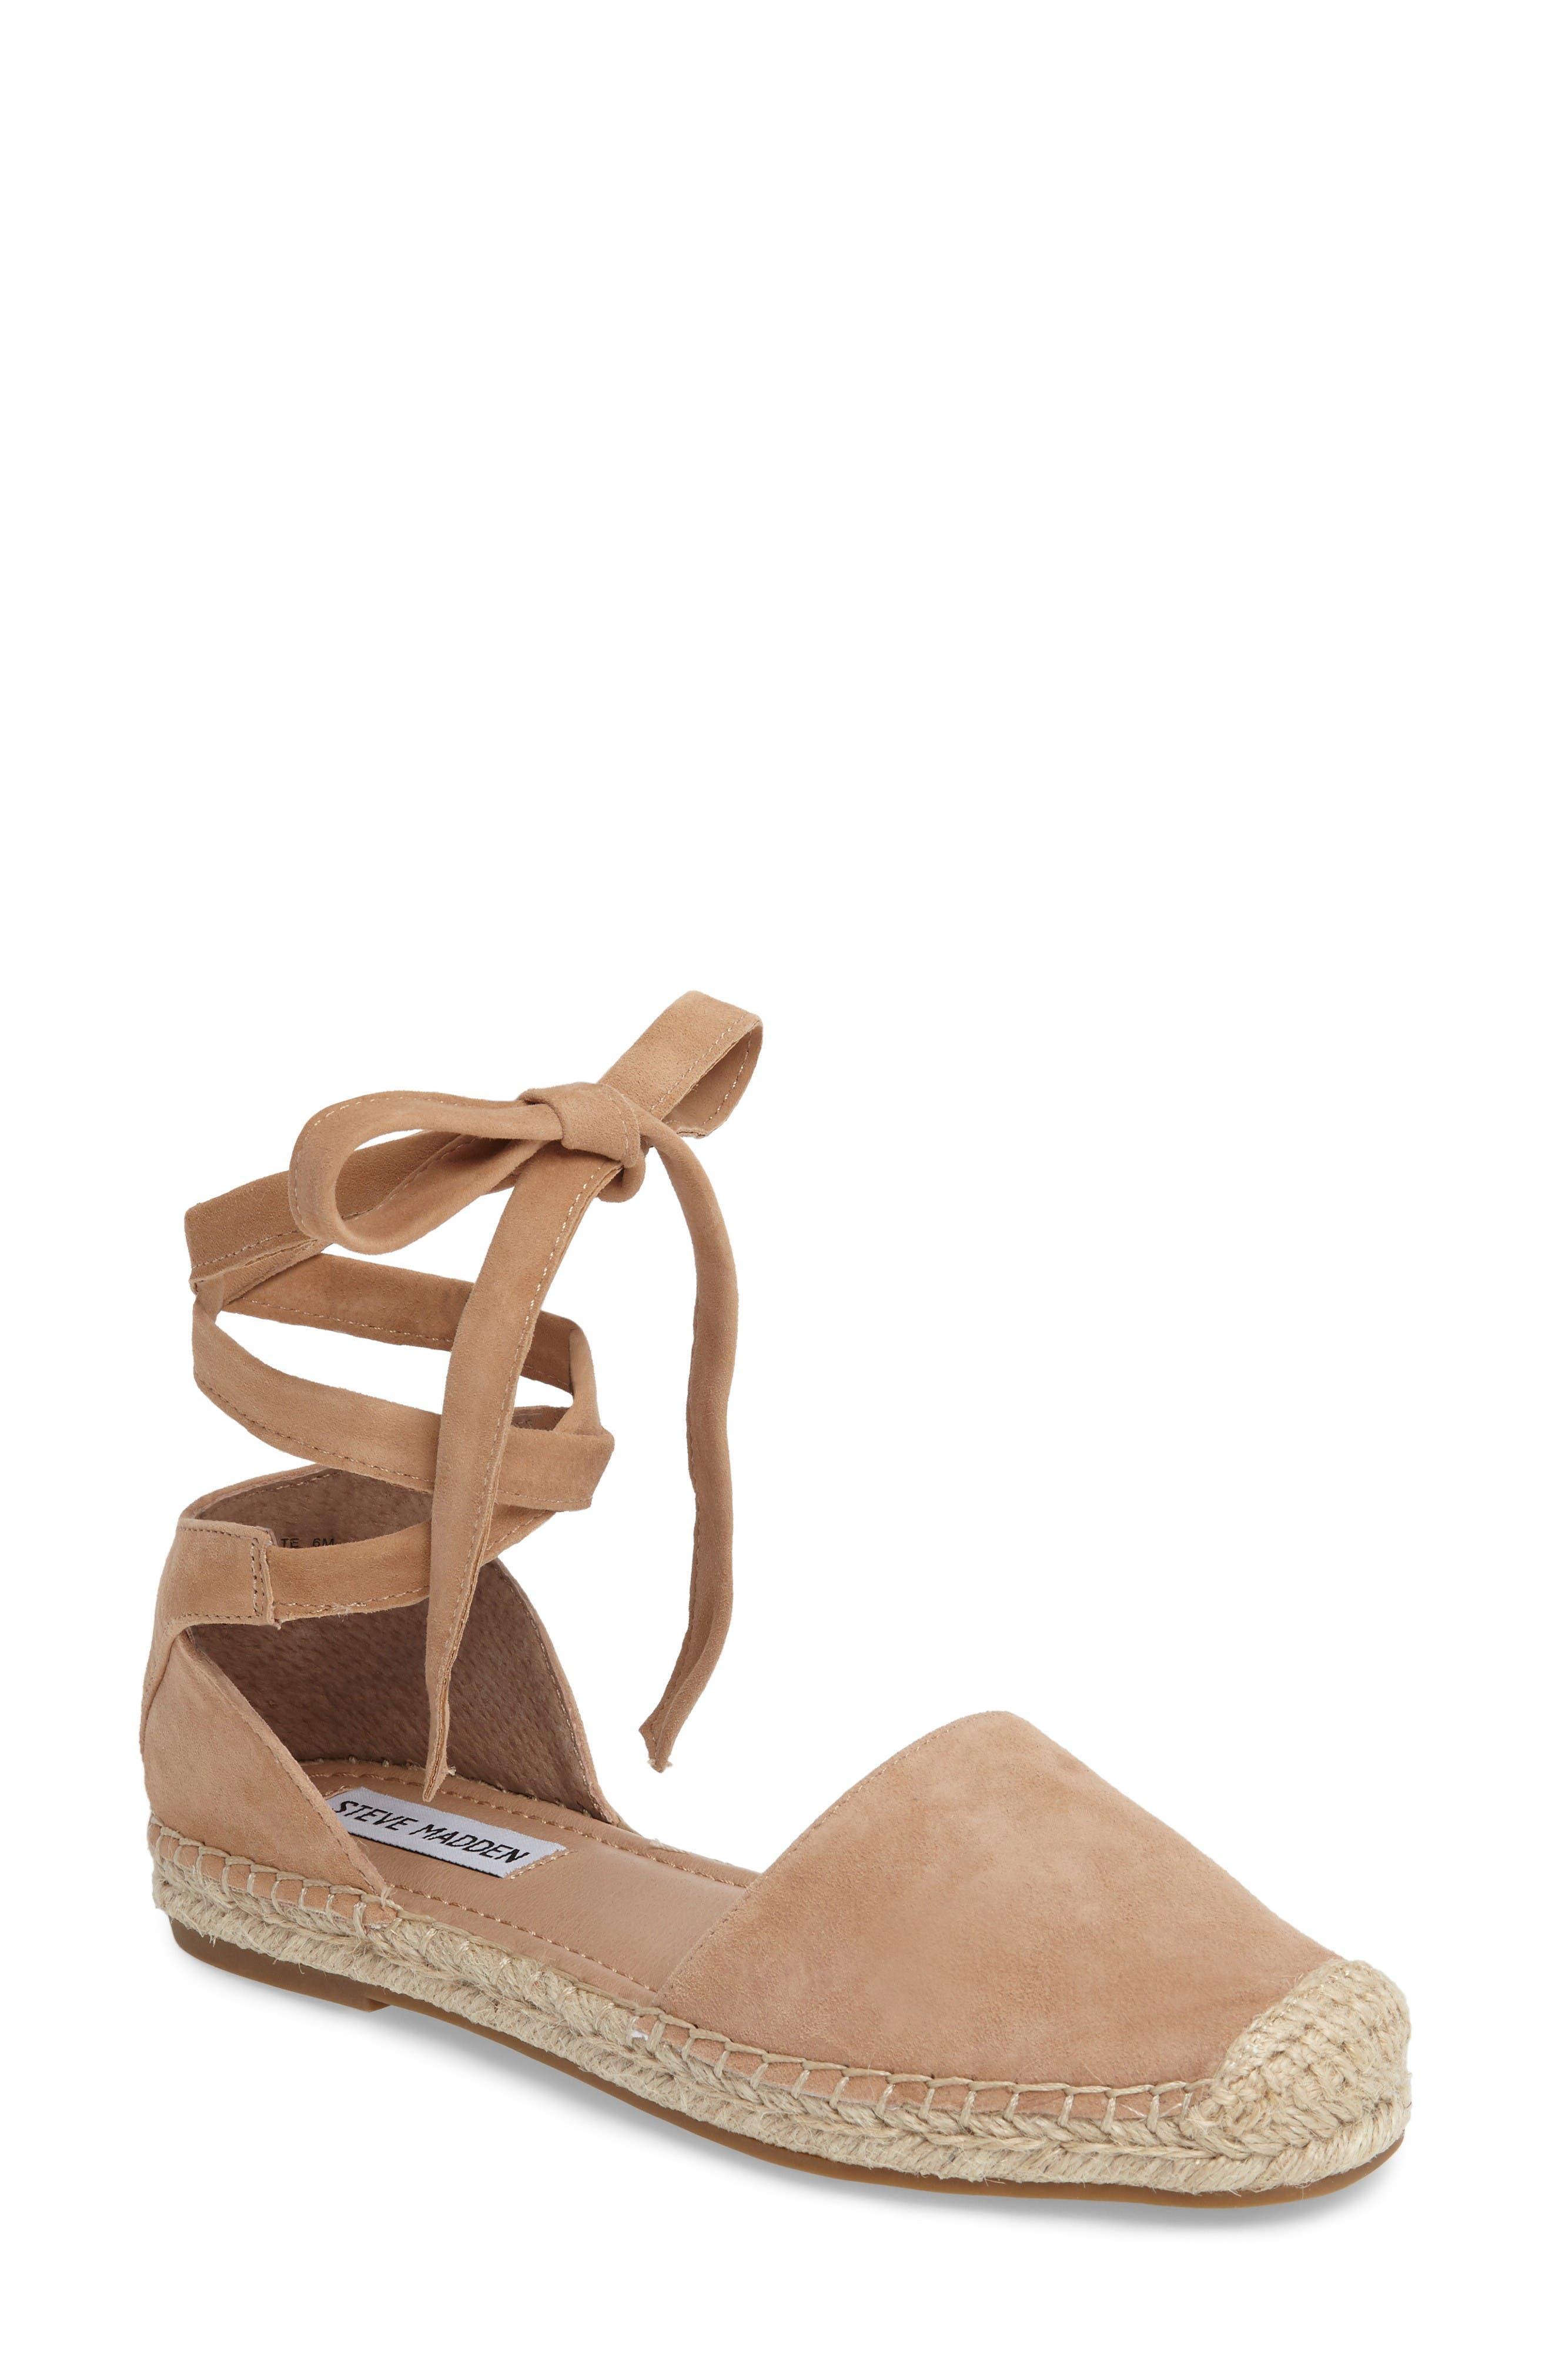 Alternate Image 1 Selected - Steve Madden Rosette Ankle Wrap Espadrille Flat (Women)